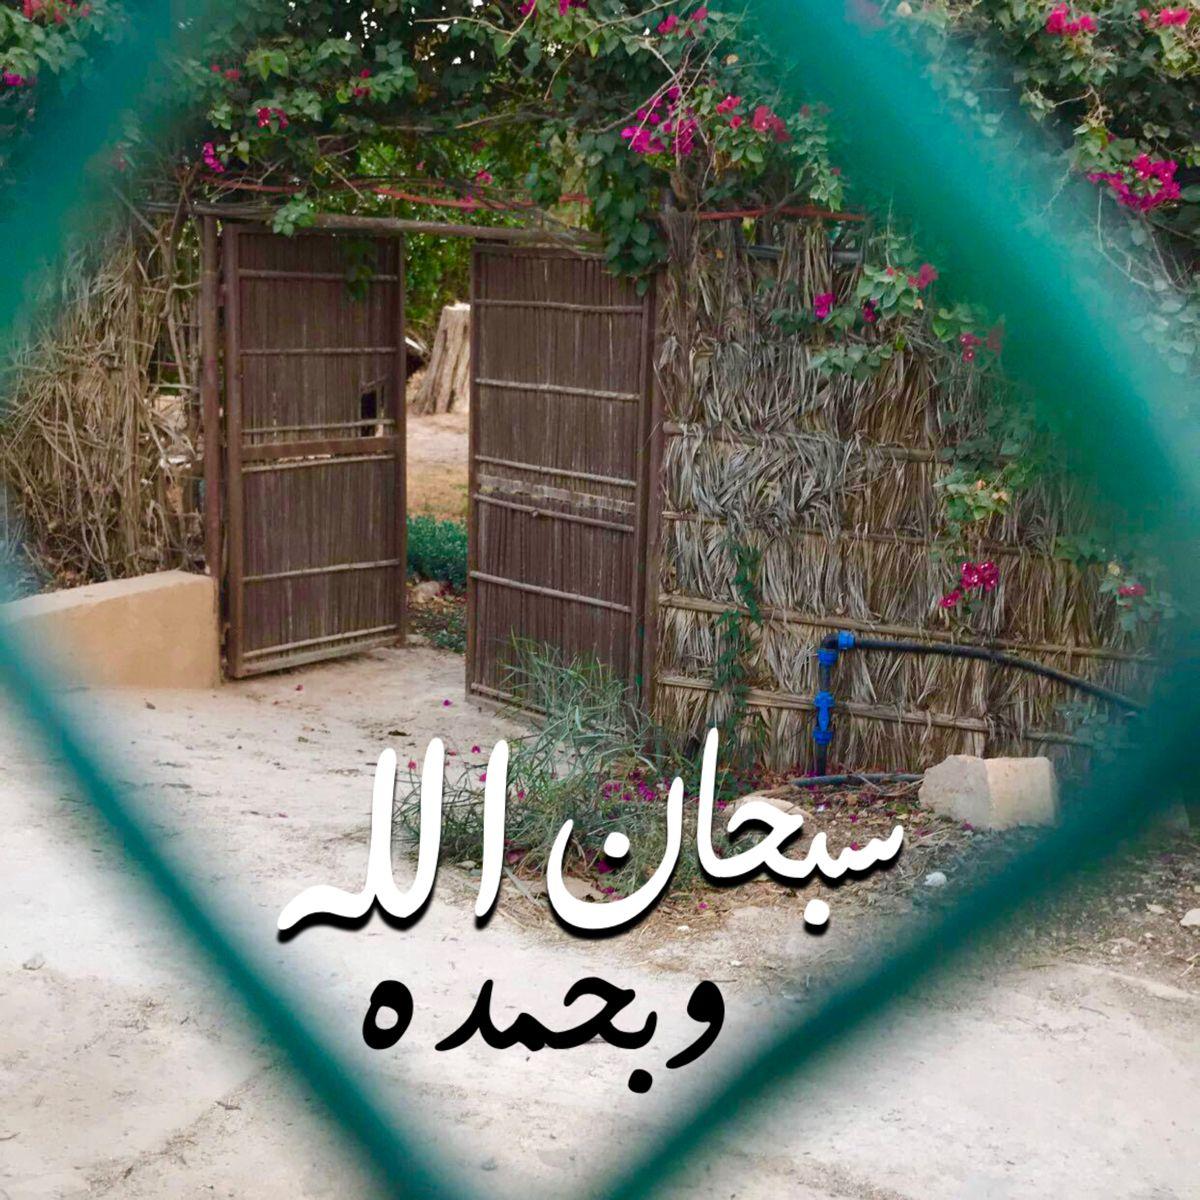 سبحان الله وبحمده Islam